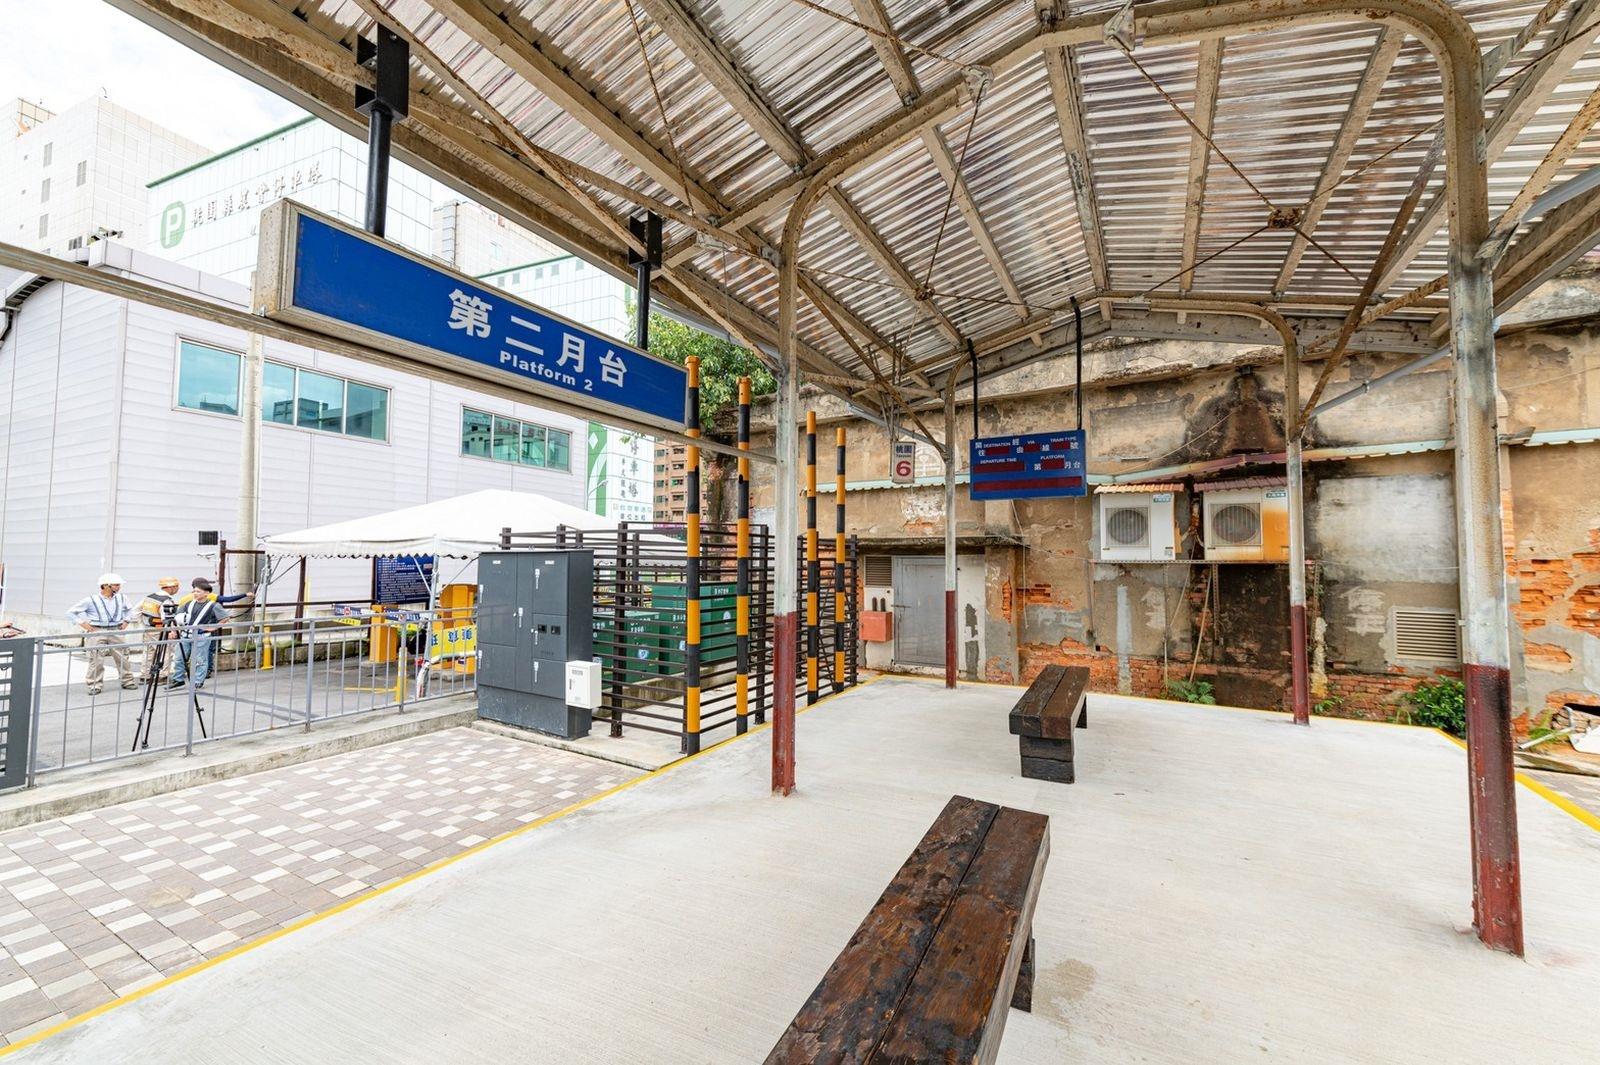 舊桃園車站第二月台棚架將保存至軌道願景館。圖/桃園市政府提供